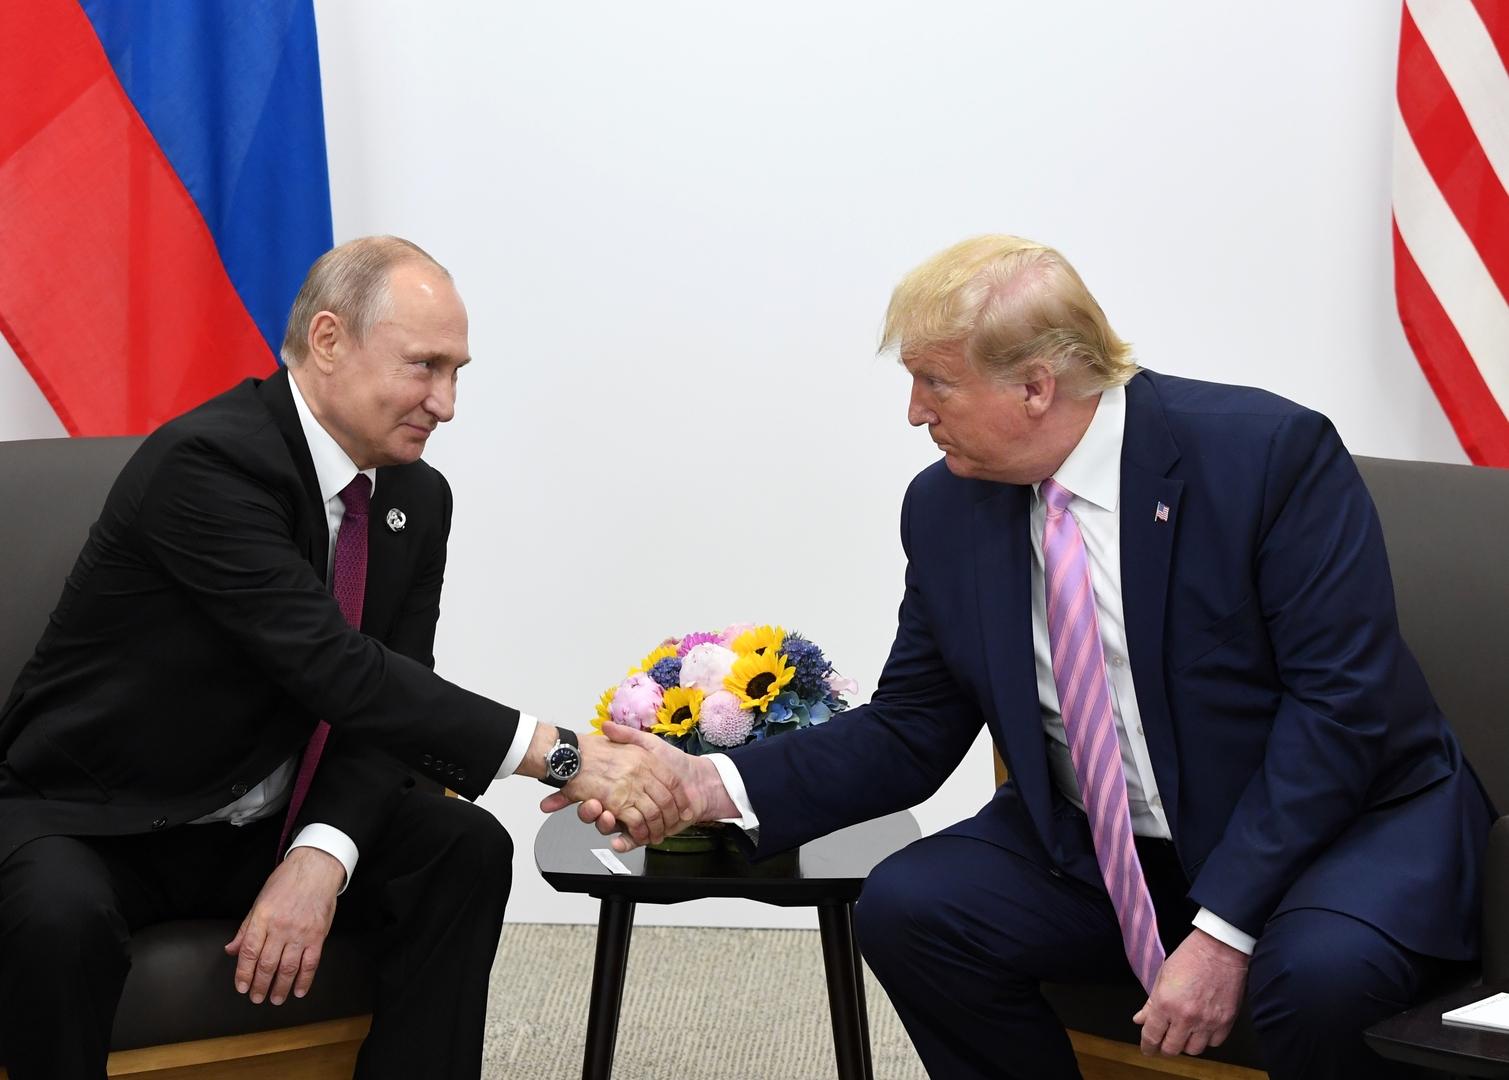 الرئيس الأمريكي، دونالد ترامب، الرئيس الروسي، فلاديمير بوتين (أوساكا، 27 يونيو 2019).